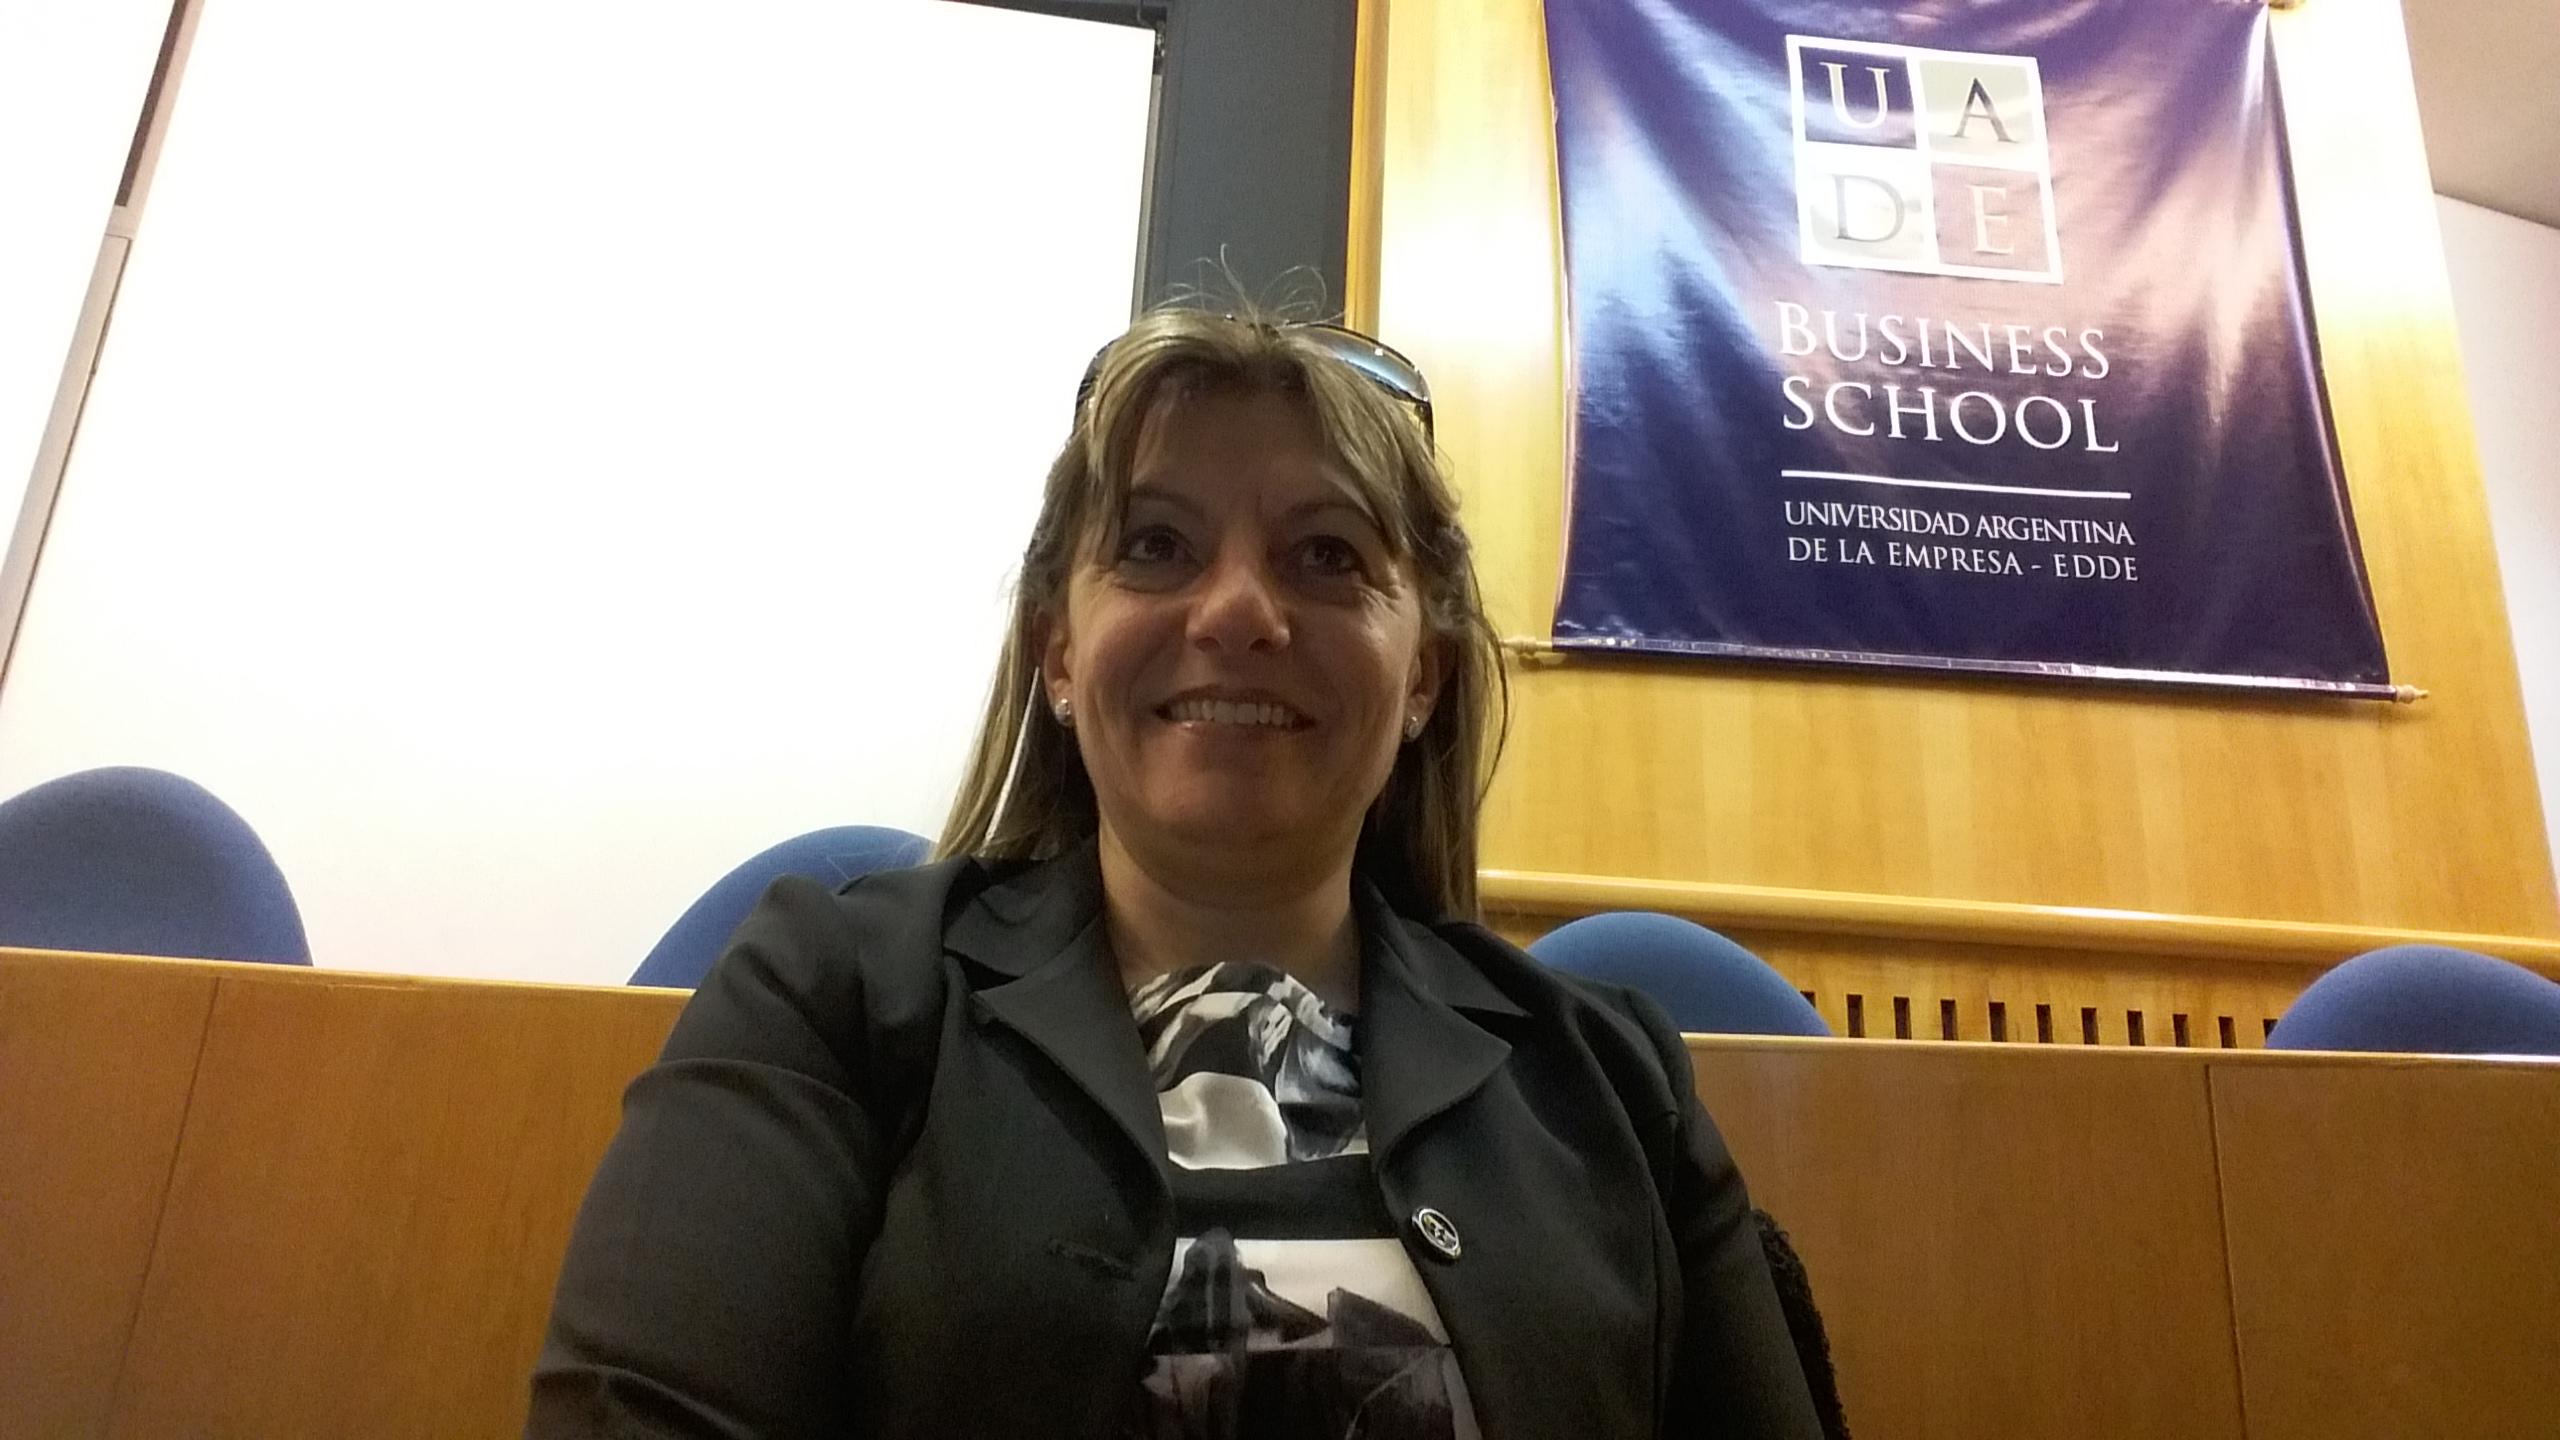 Maestría en Dirección de RRHH; UADE 2015-2016